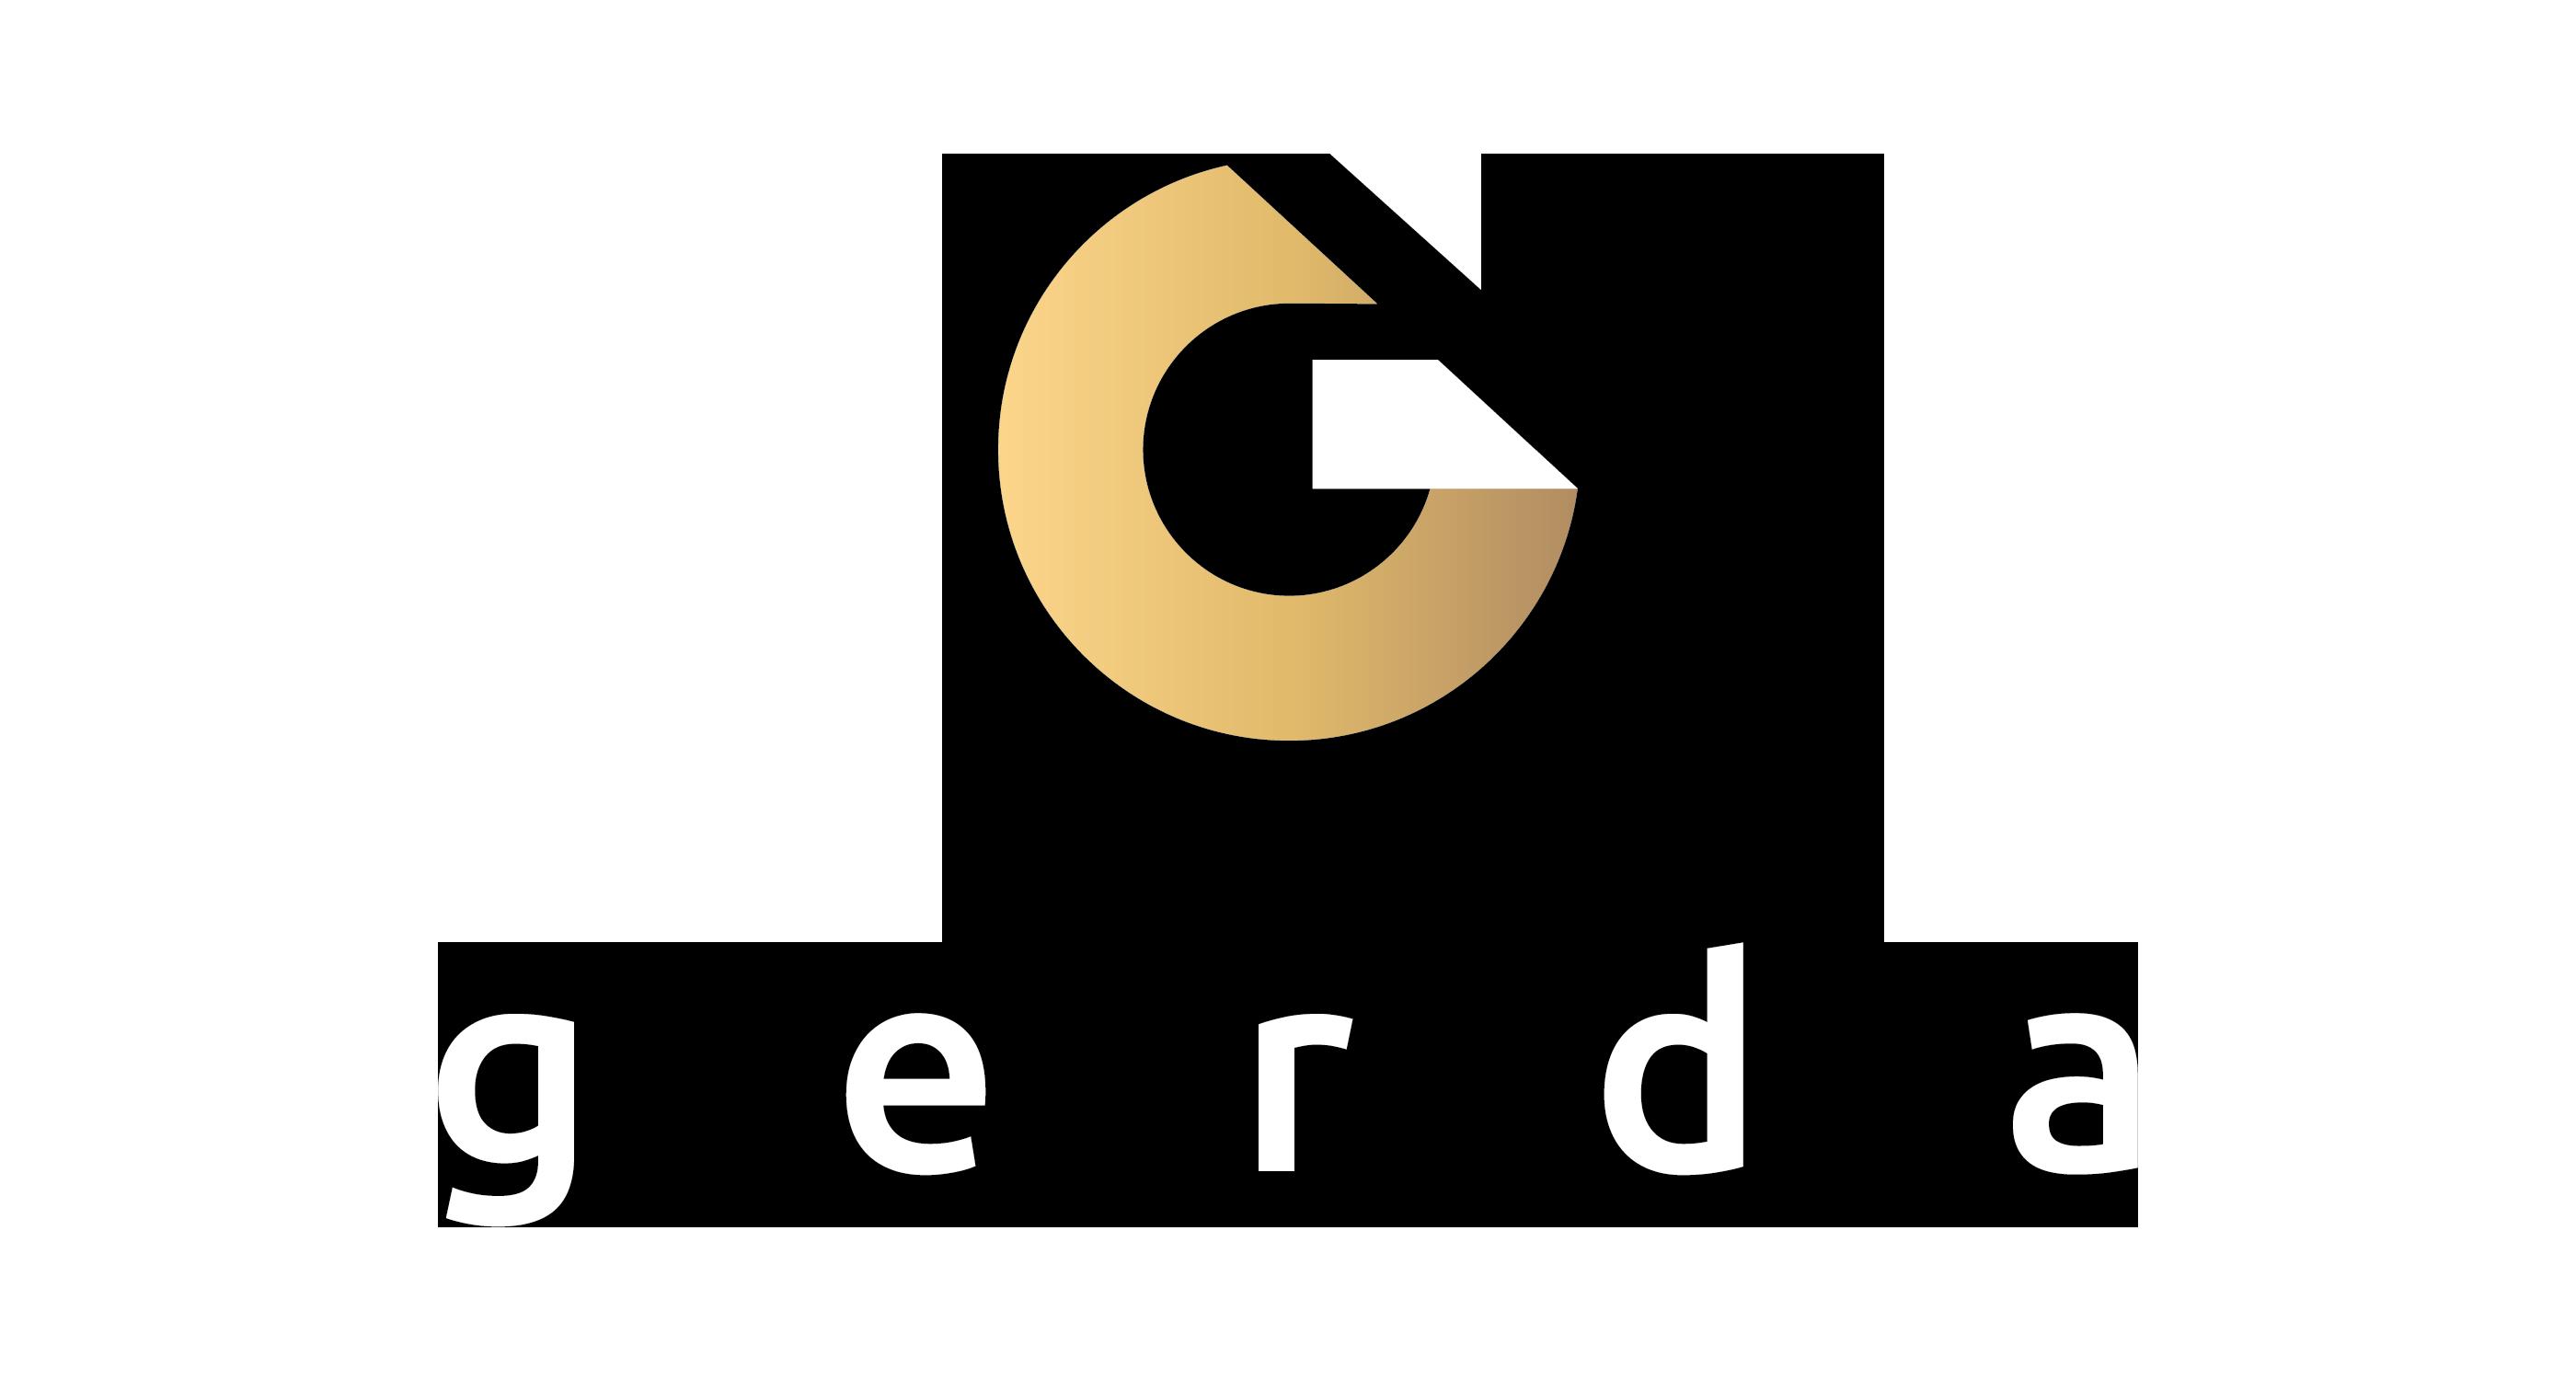 Gerda A OY